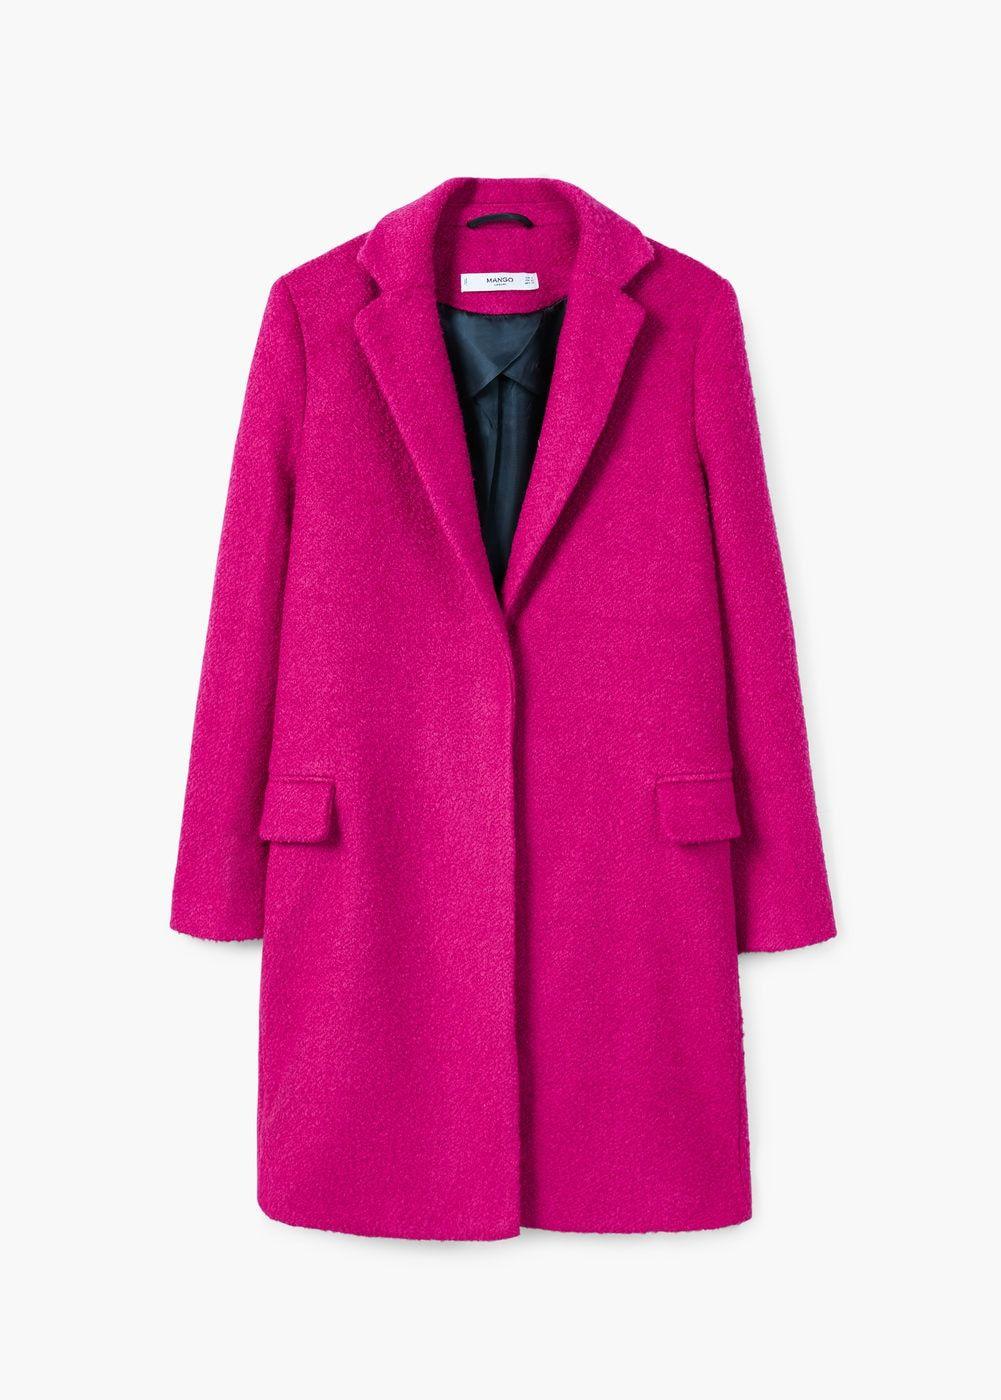 cómo llegar mejor mayorista precio especial para Abrigo lana estructurado - Mujer | Colorful style | Pink ...